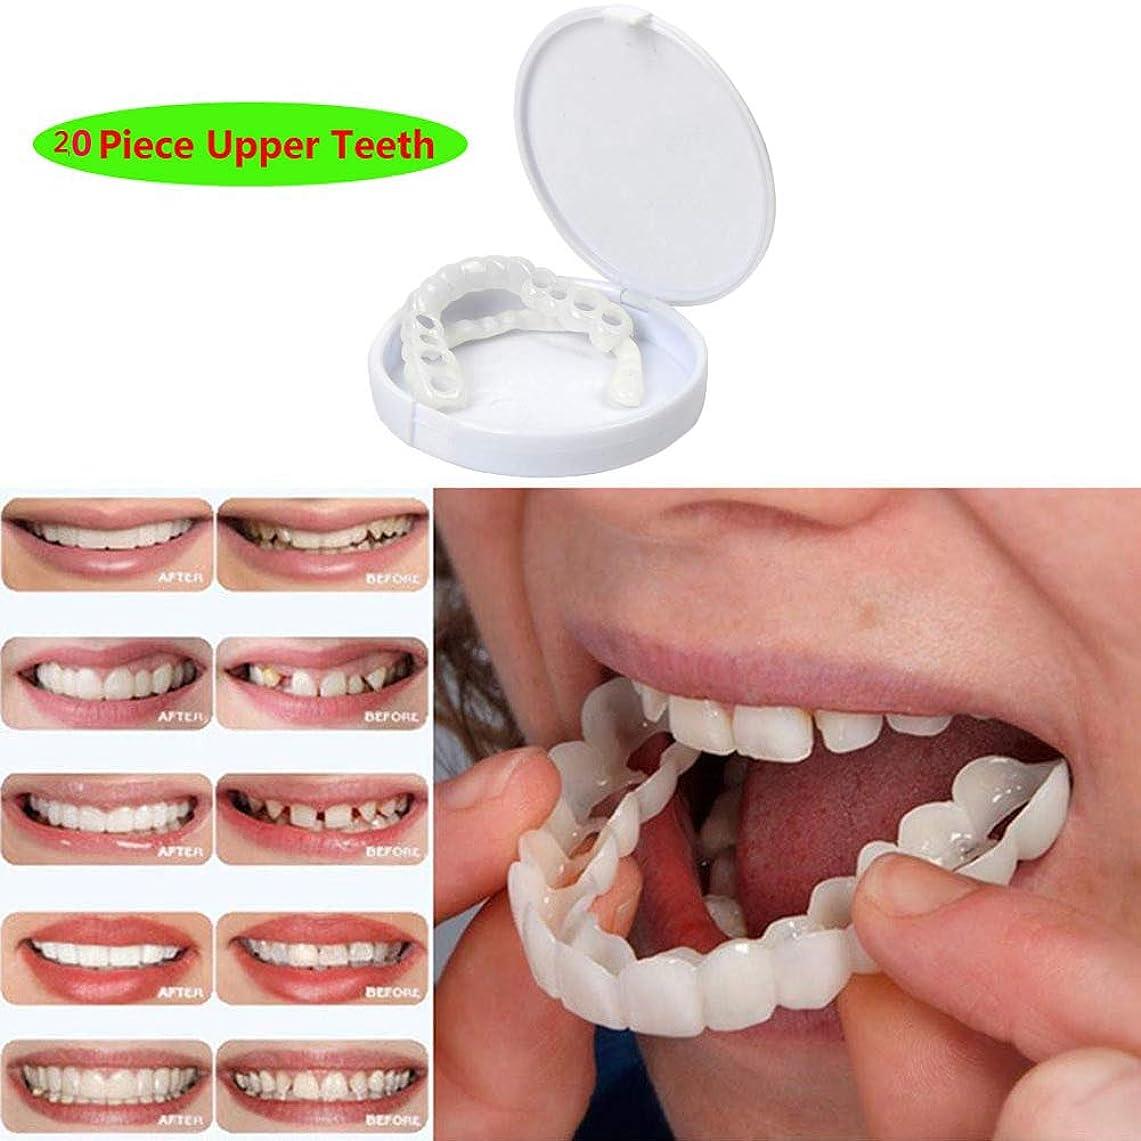 フォアタイプまぶしさ批判的に一時的な化粧品の歯義歯の歯快適な屈曲を完全に白くする化粧品の模倣された上部の支柱わずかな分のベニヤ、20PCS上部の歯